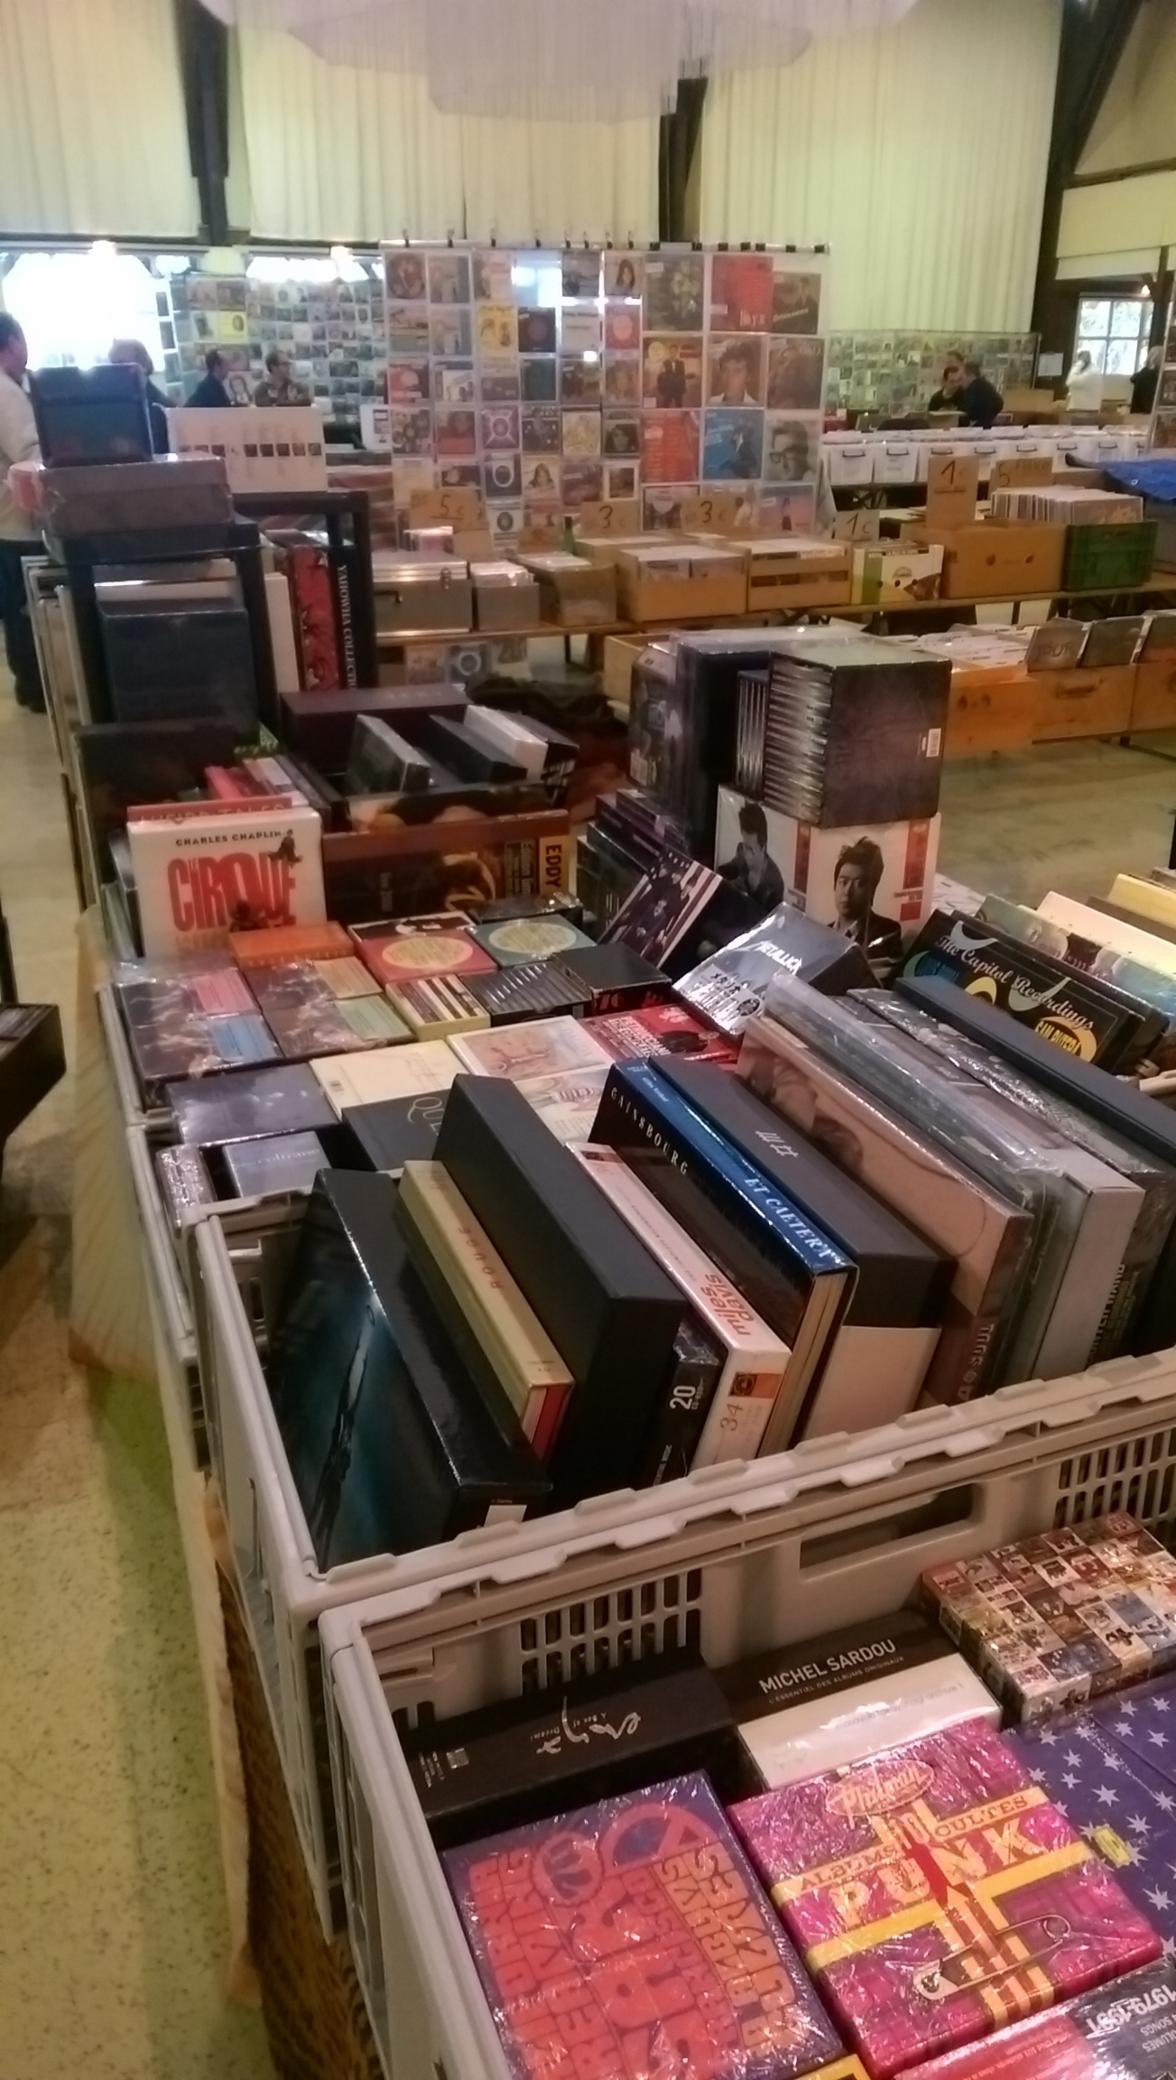 4 achat-vente CD/DVD/BD/Vinyles achat et vente de CD/DVD/VINYLES etc achat-vente CD/DVD/BD/Vinyles achat et vente de CD/DVD/VINYLES etc